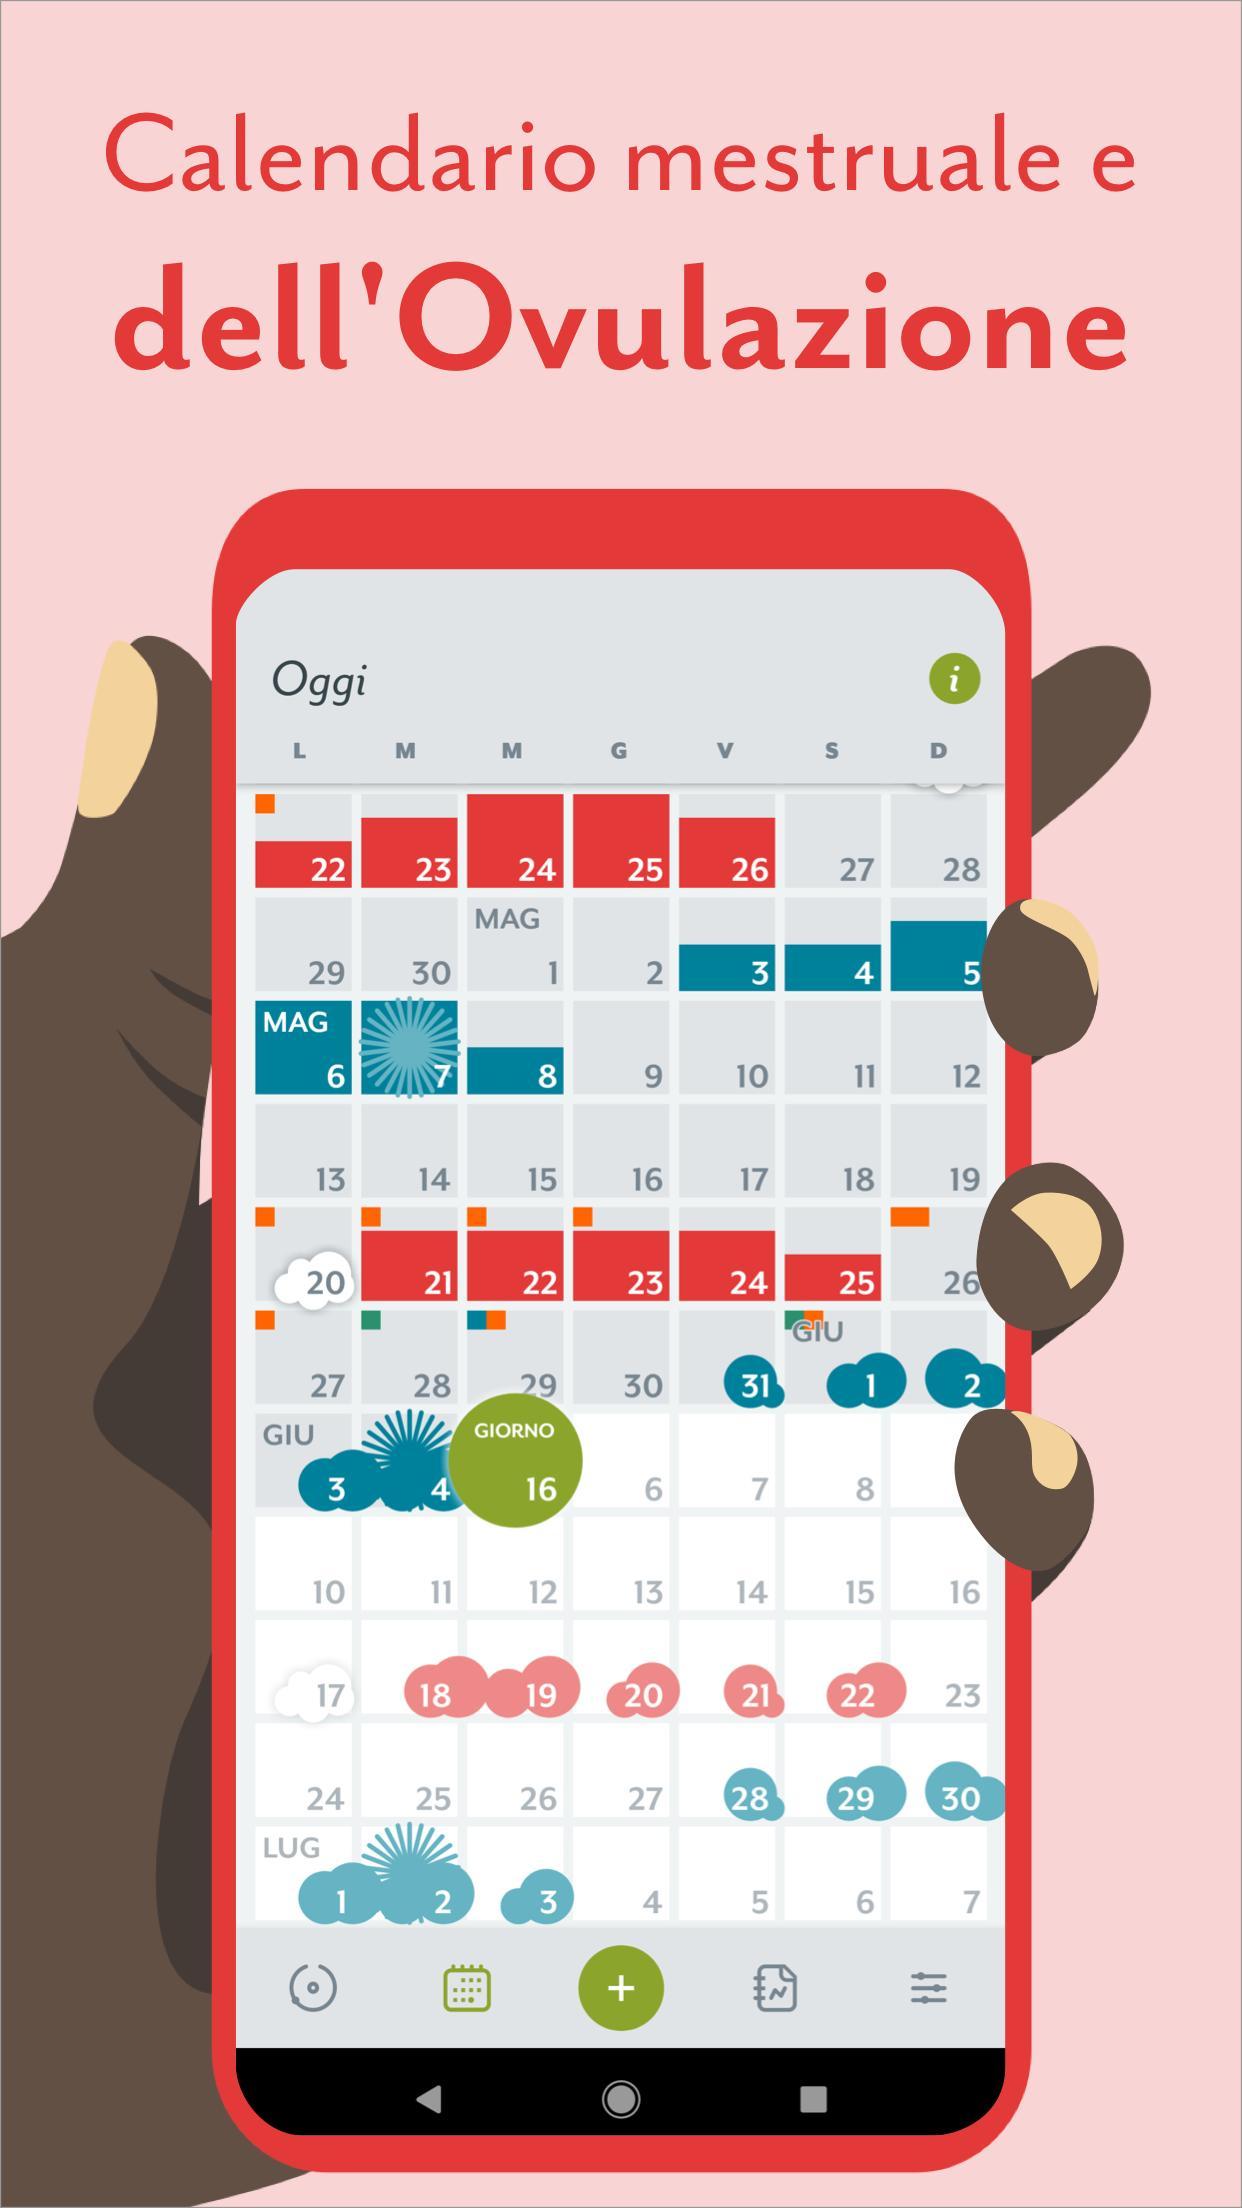 Il Mio Calendario Del Ciclo.Calendario Mestruale Clue Ovulazione E Ciclo For Android